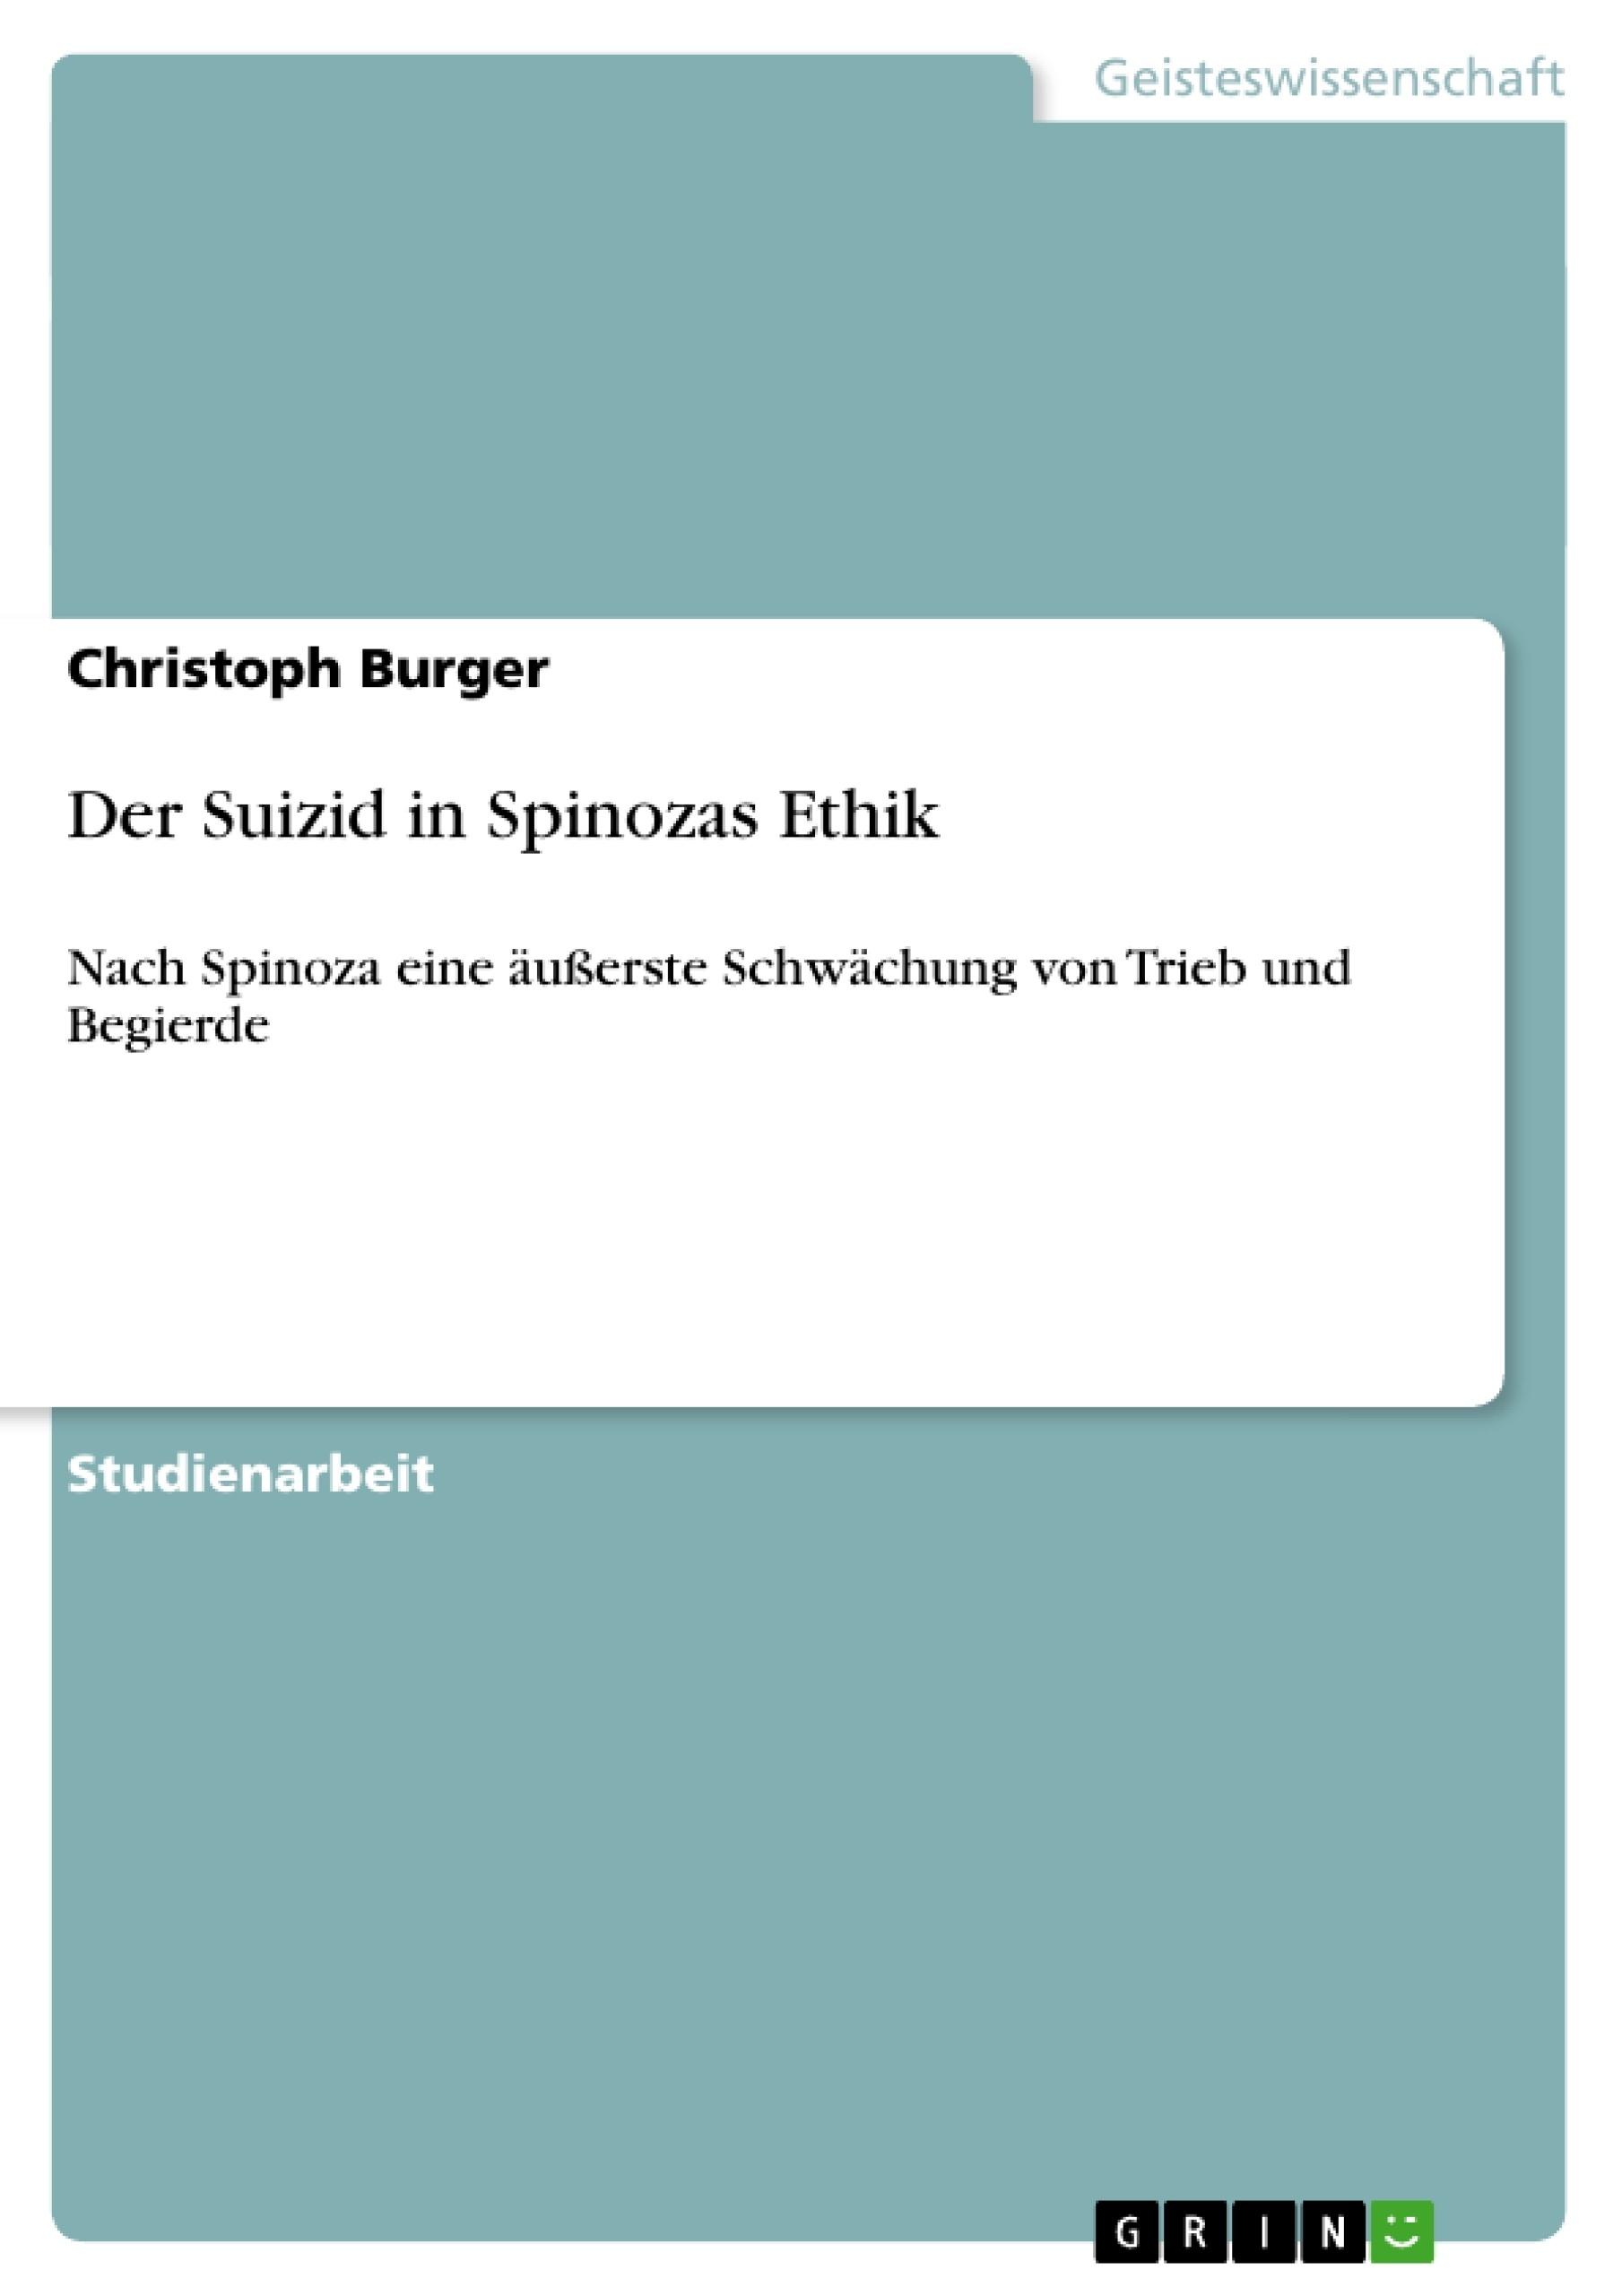 Titel: Der Suizid in Spinozas Ethik